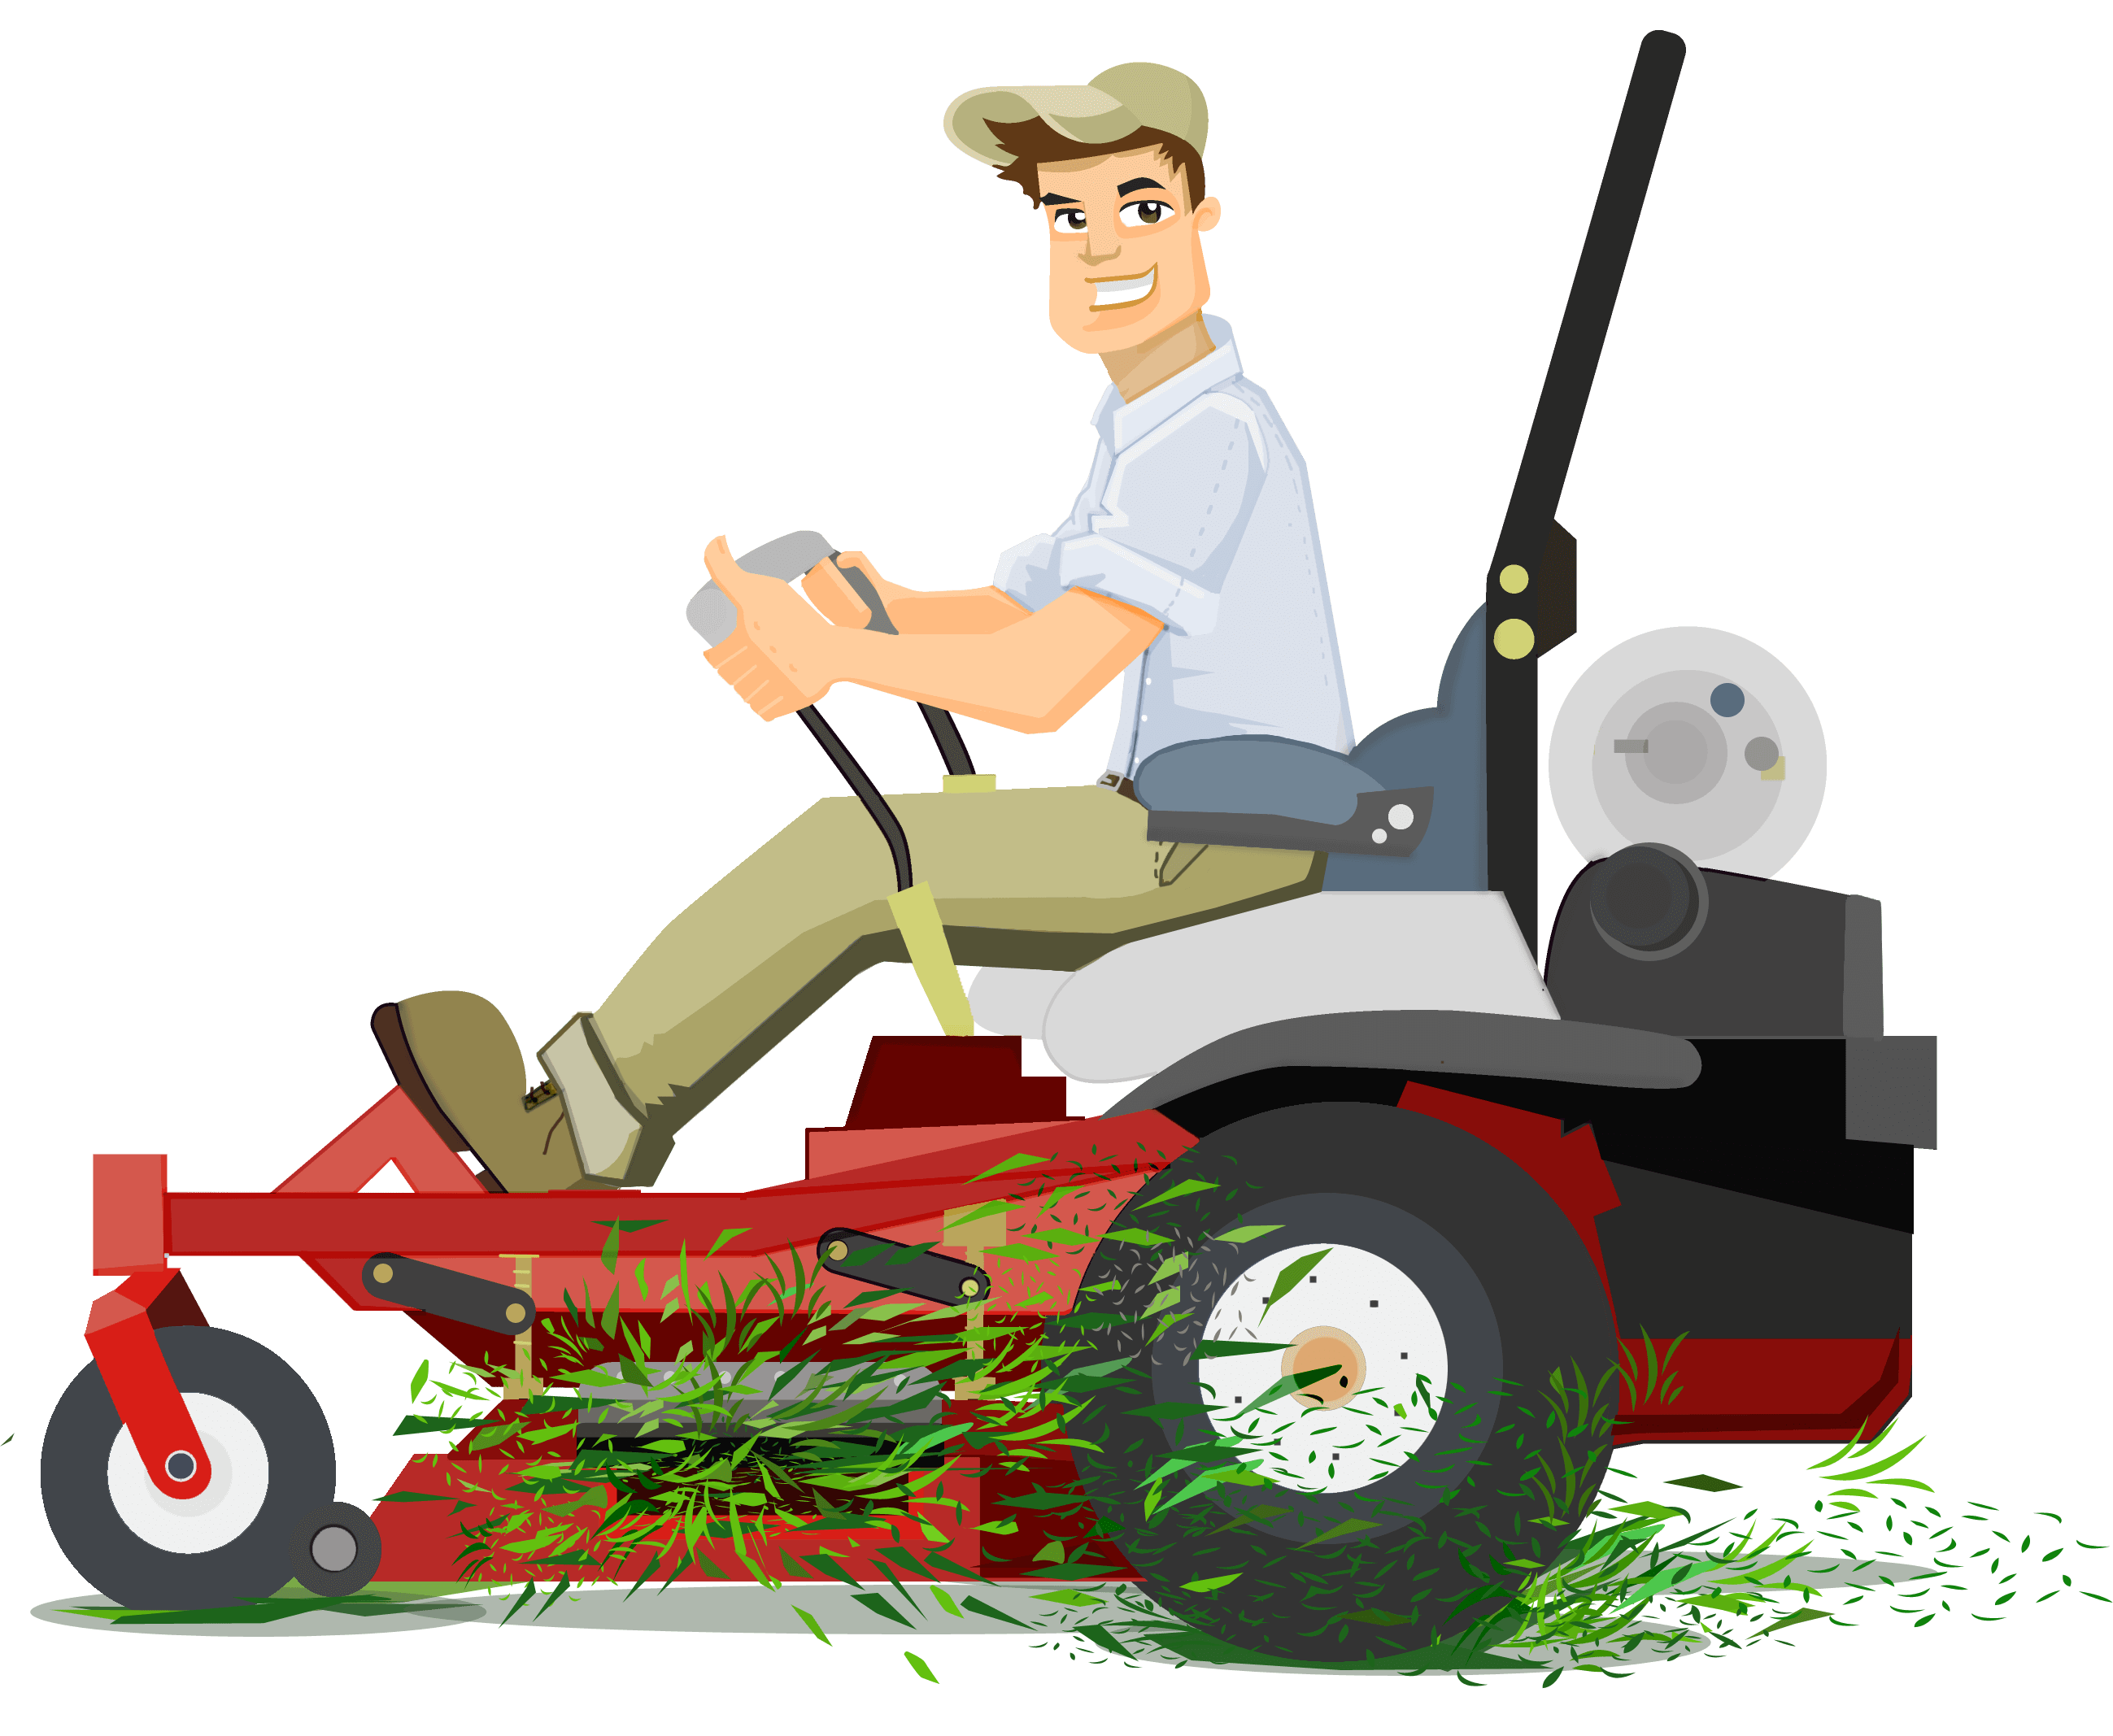 Grass clipart lawn care service #6